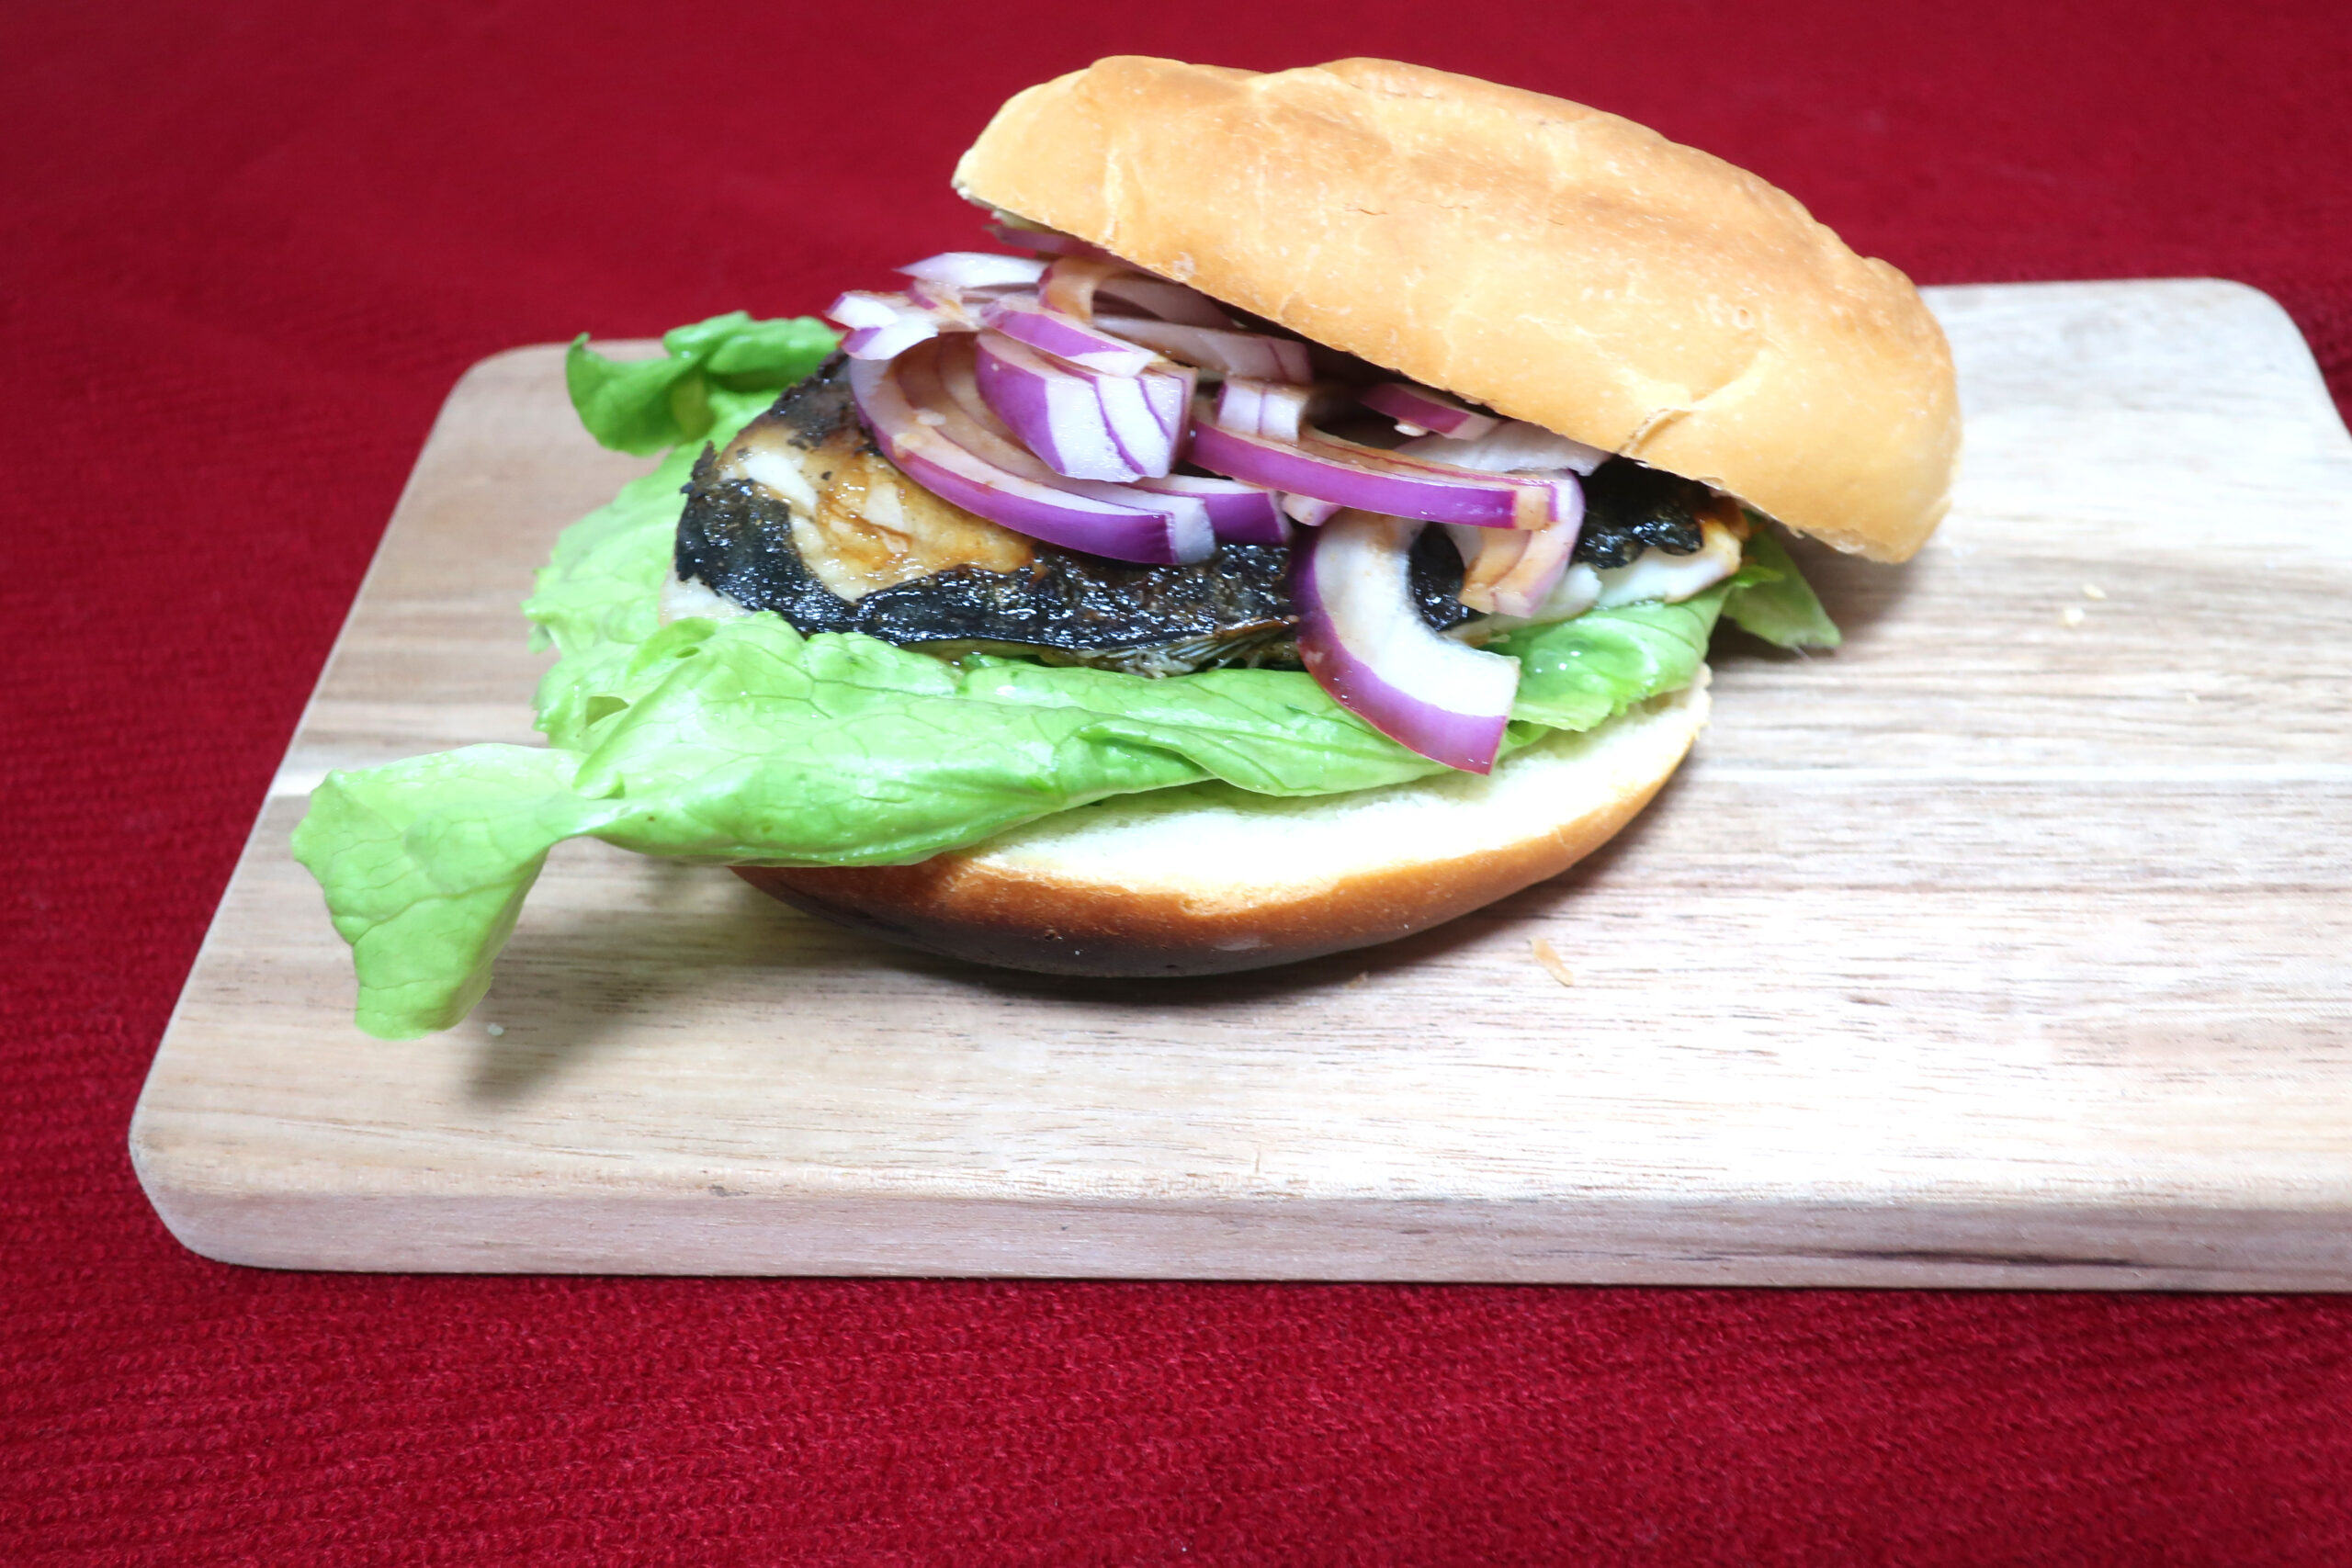 【衝撃】自作ハンバーガーの弱点wwywwywwywwywwu